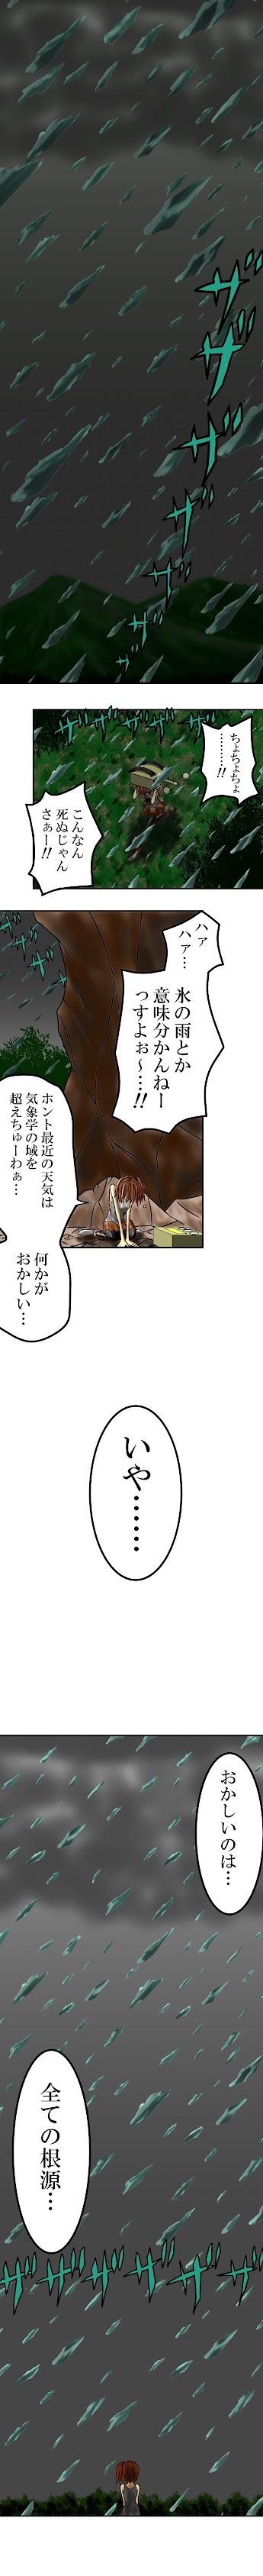 バリアス・サン(Webtoon)